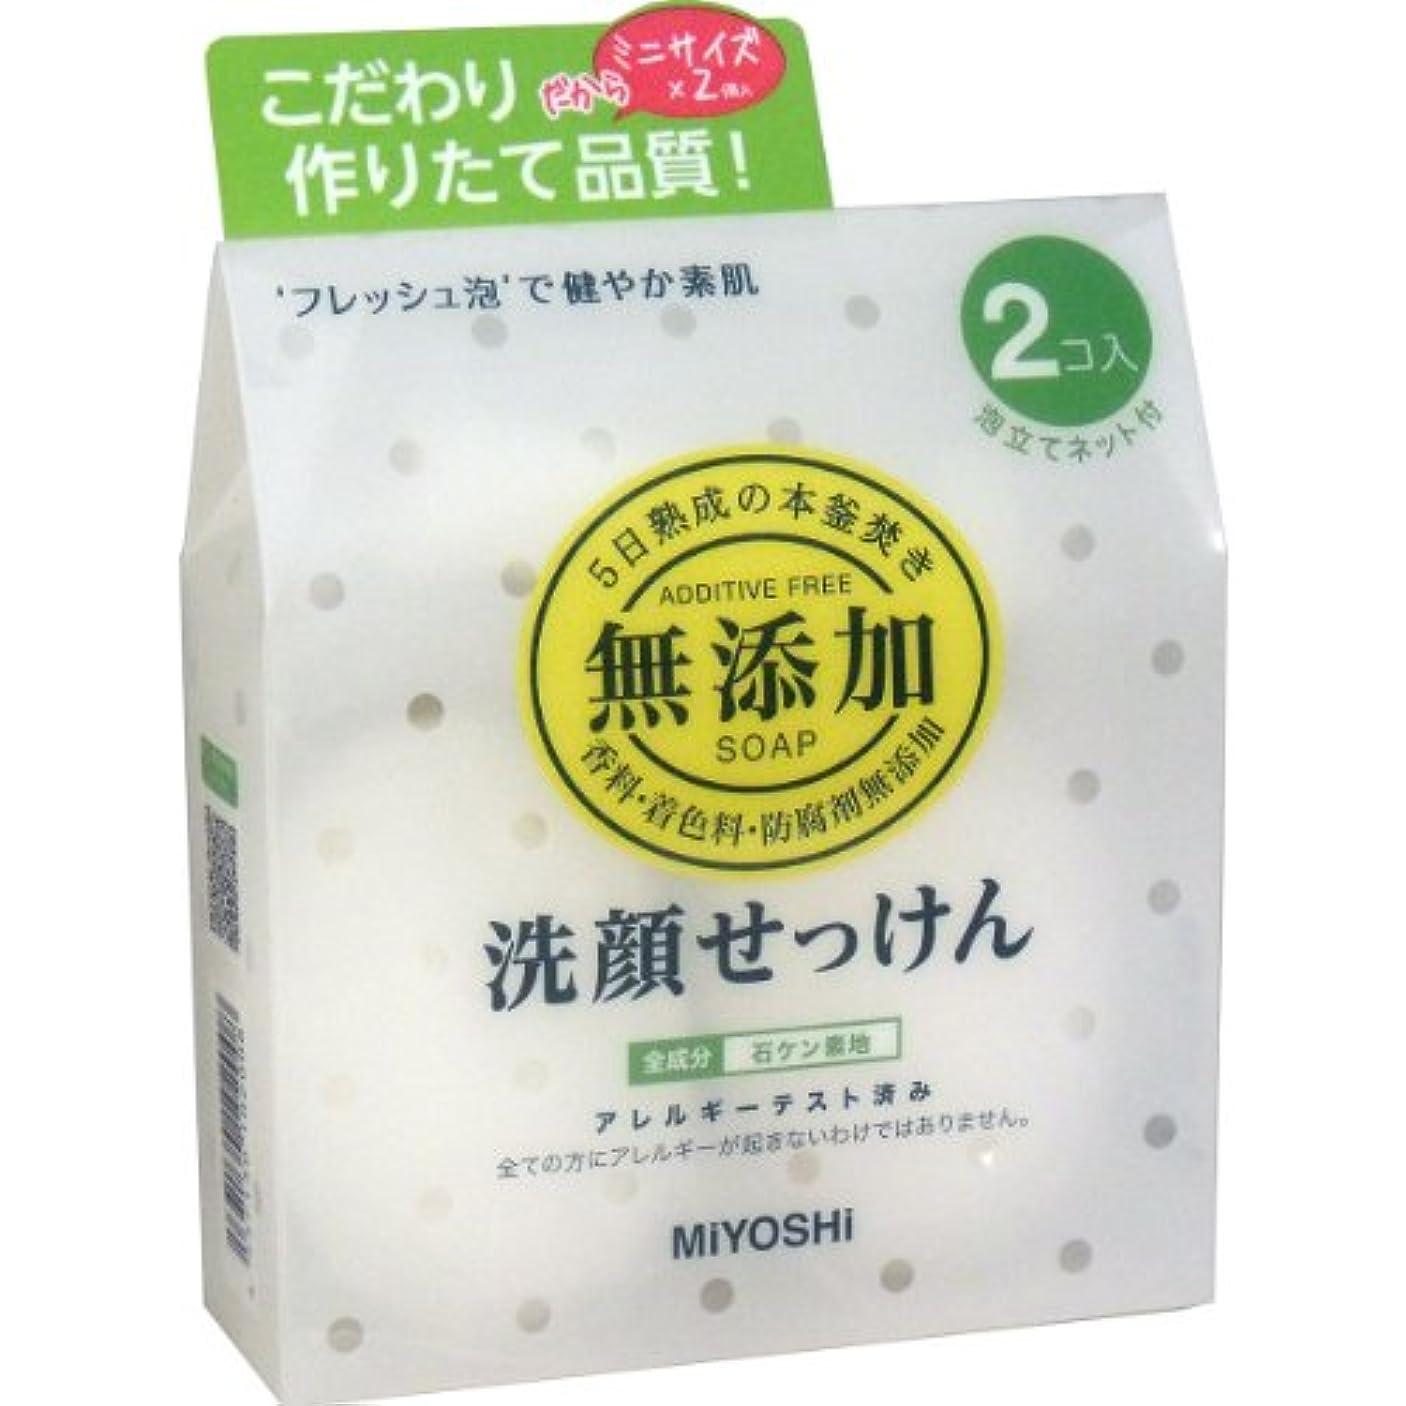 評価ライバル法王【まとめ買い】ミヨシ石鹸 無添加洗顔せっけん2個入 80g ×2セット